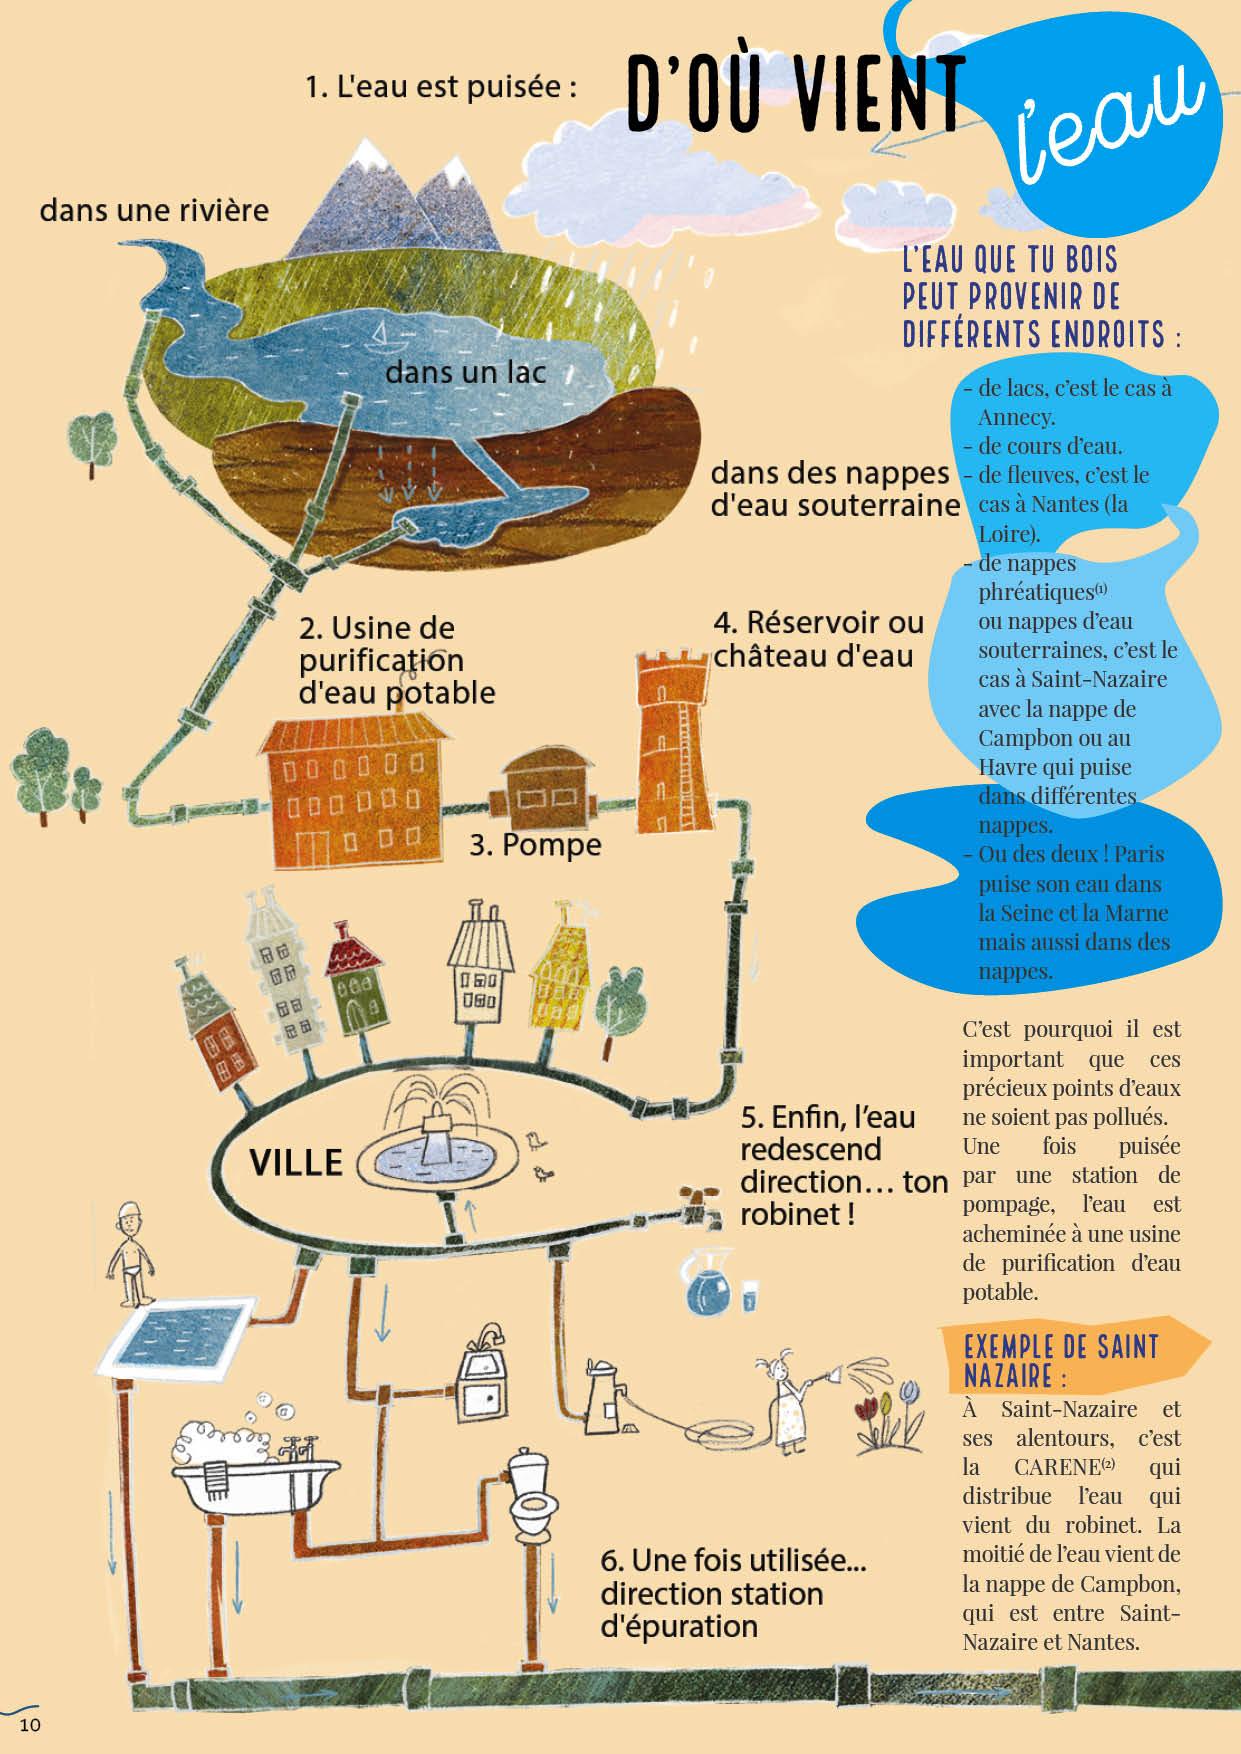 LES PRÉCÉDENTES ÉDITIONS Plum magazine 2